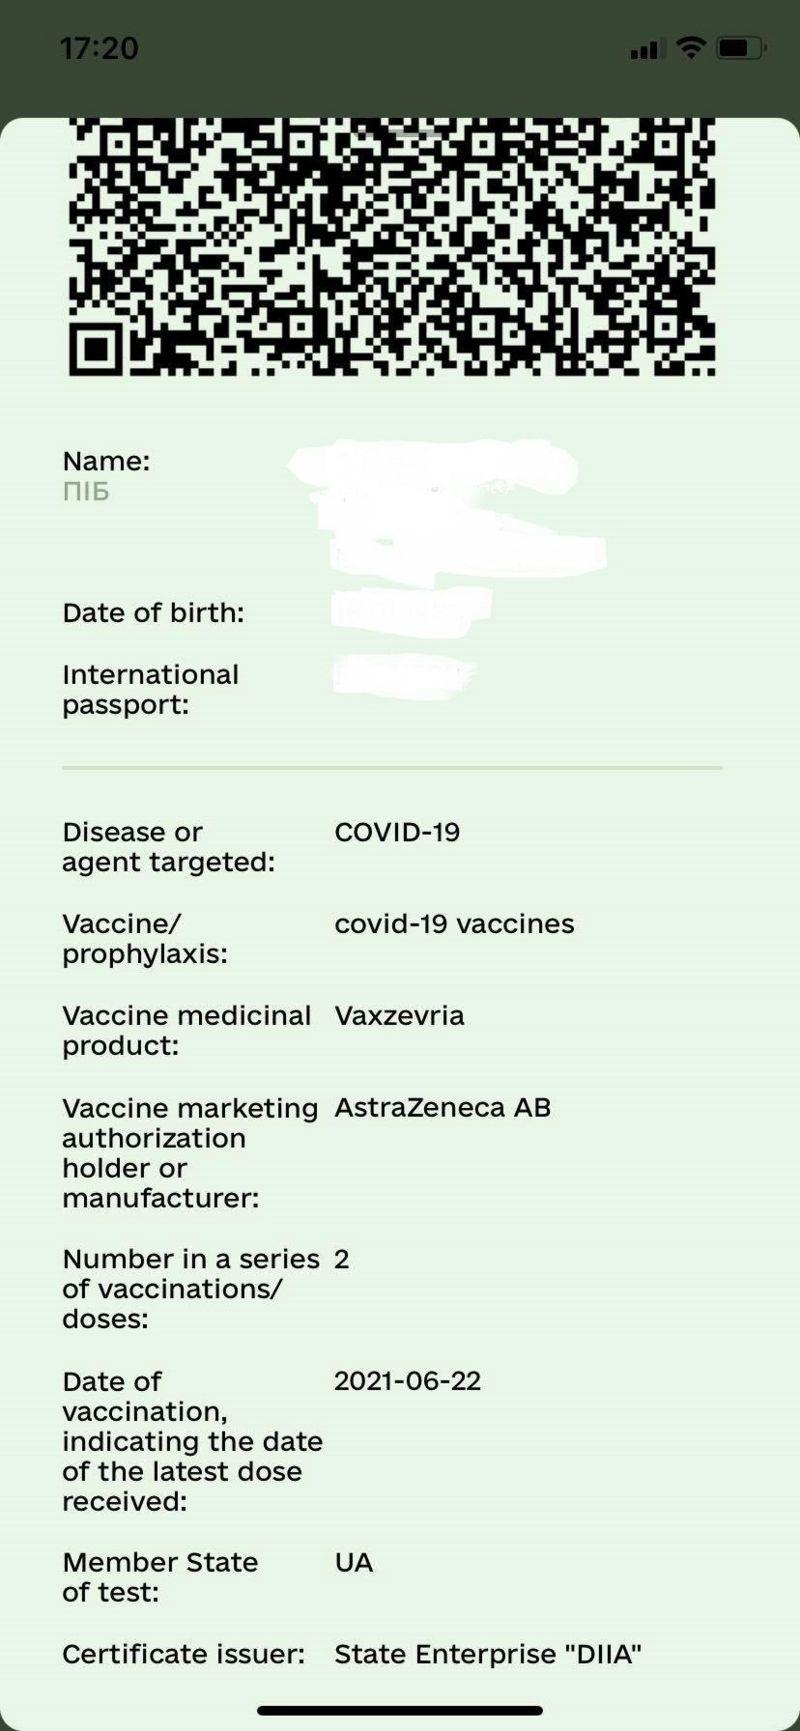 Як отримати COVID-сертифікат та коли з ним можна виїхати за кордон. Розповідаємо докладно